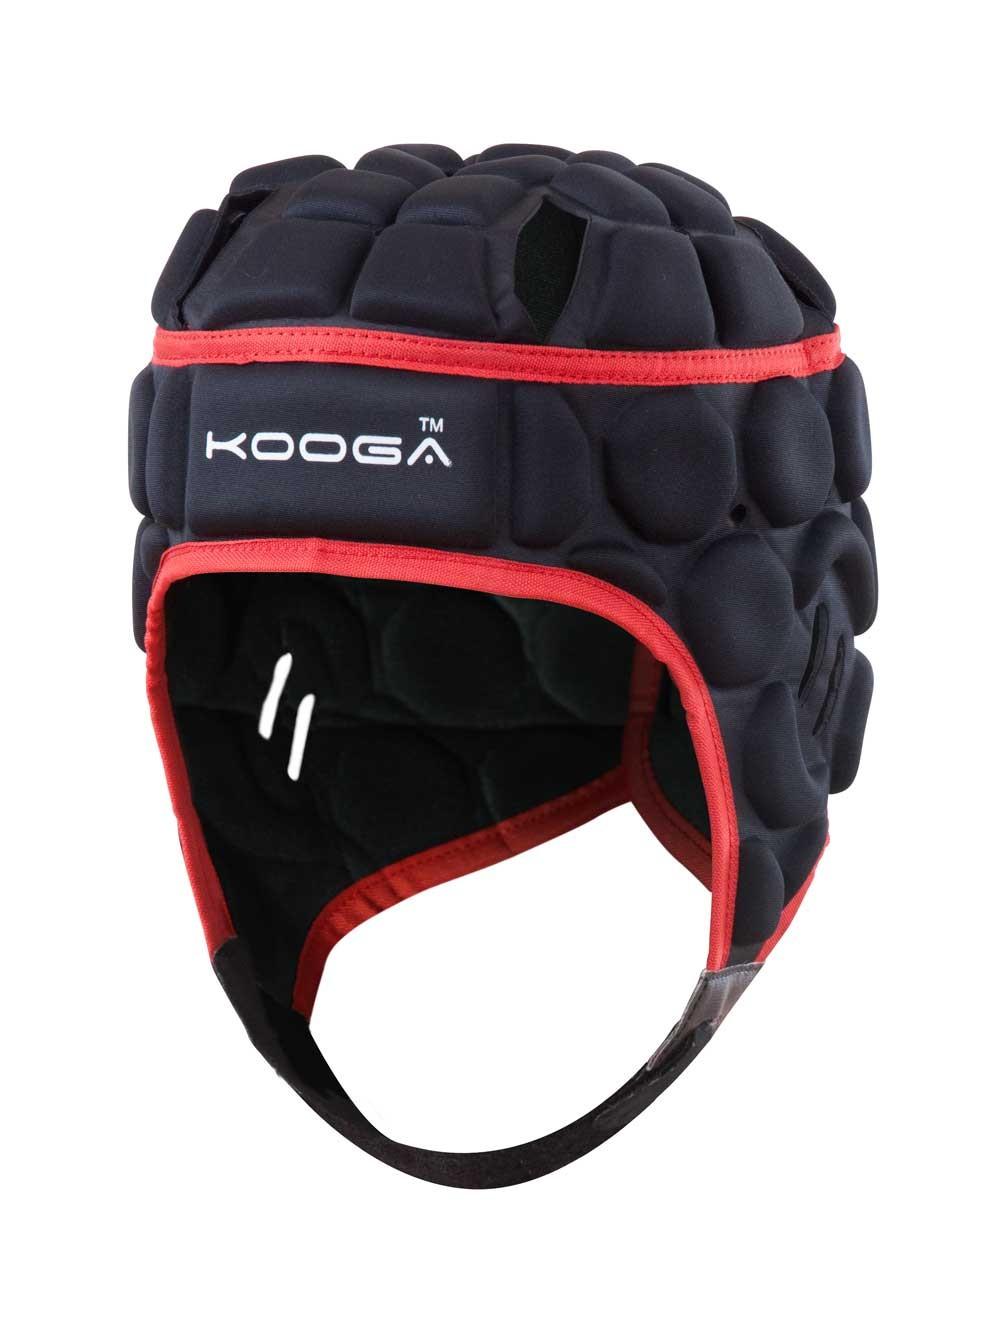 Kooga Elite Headguard 2015 Black Red